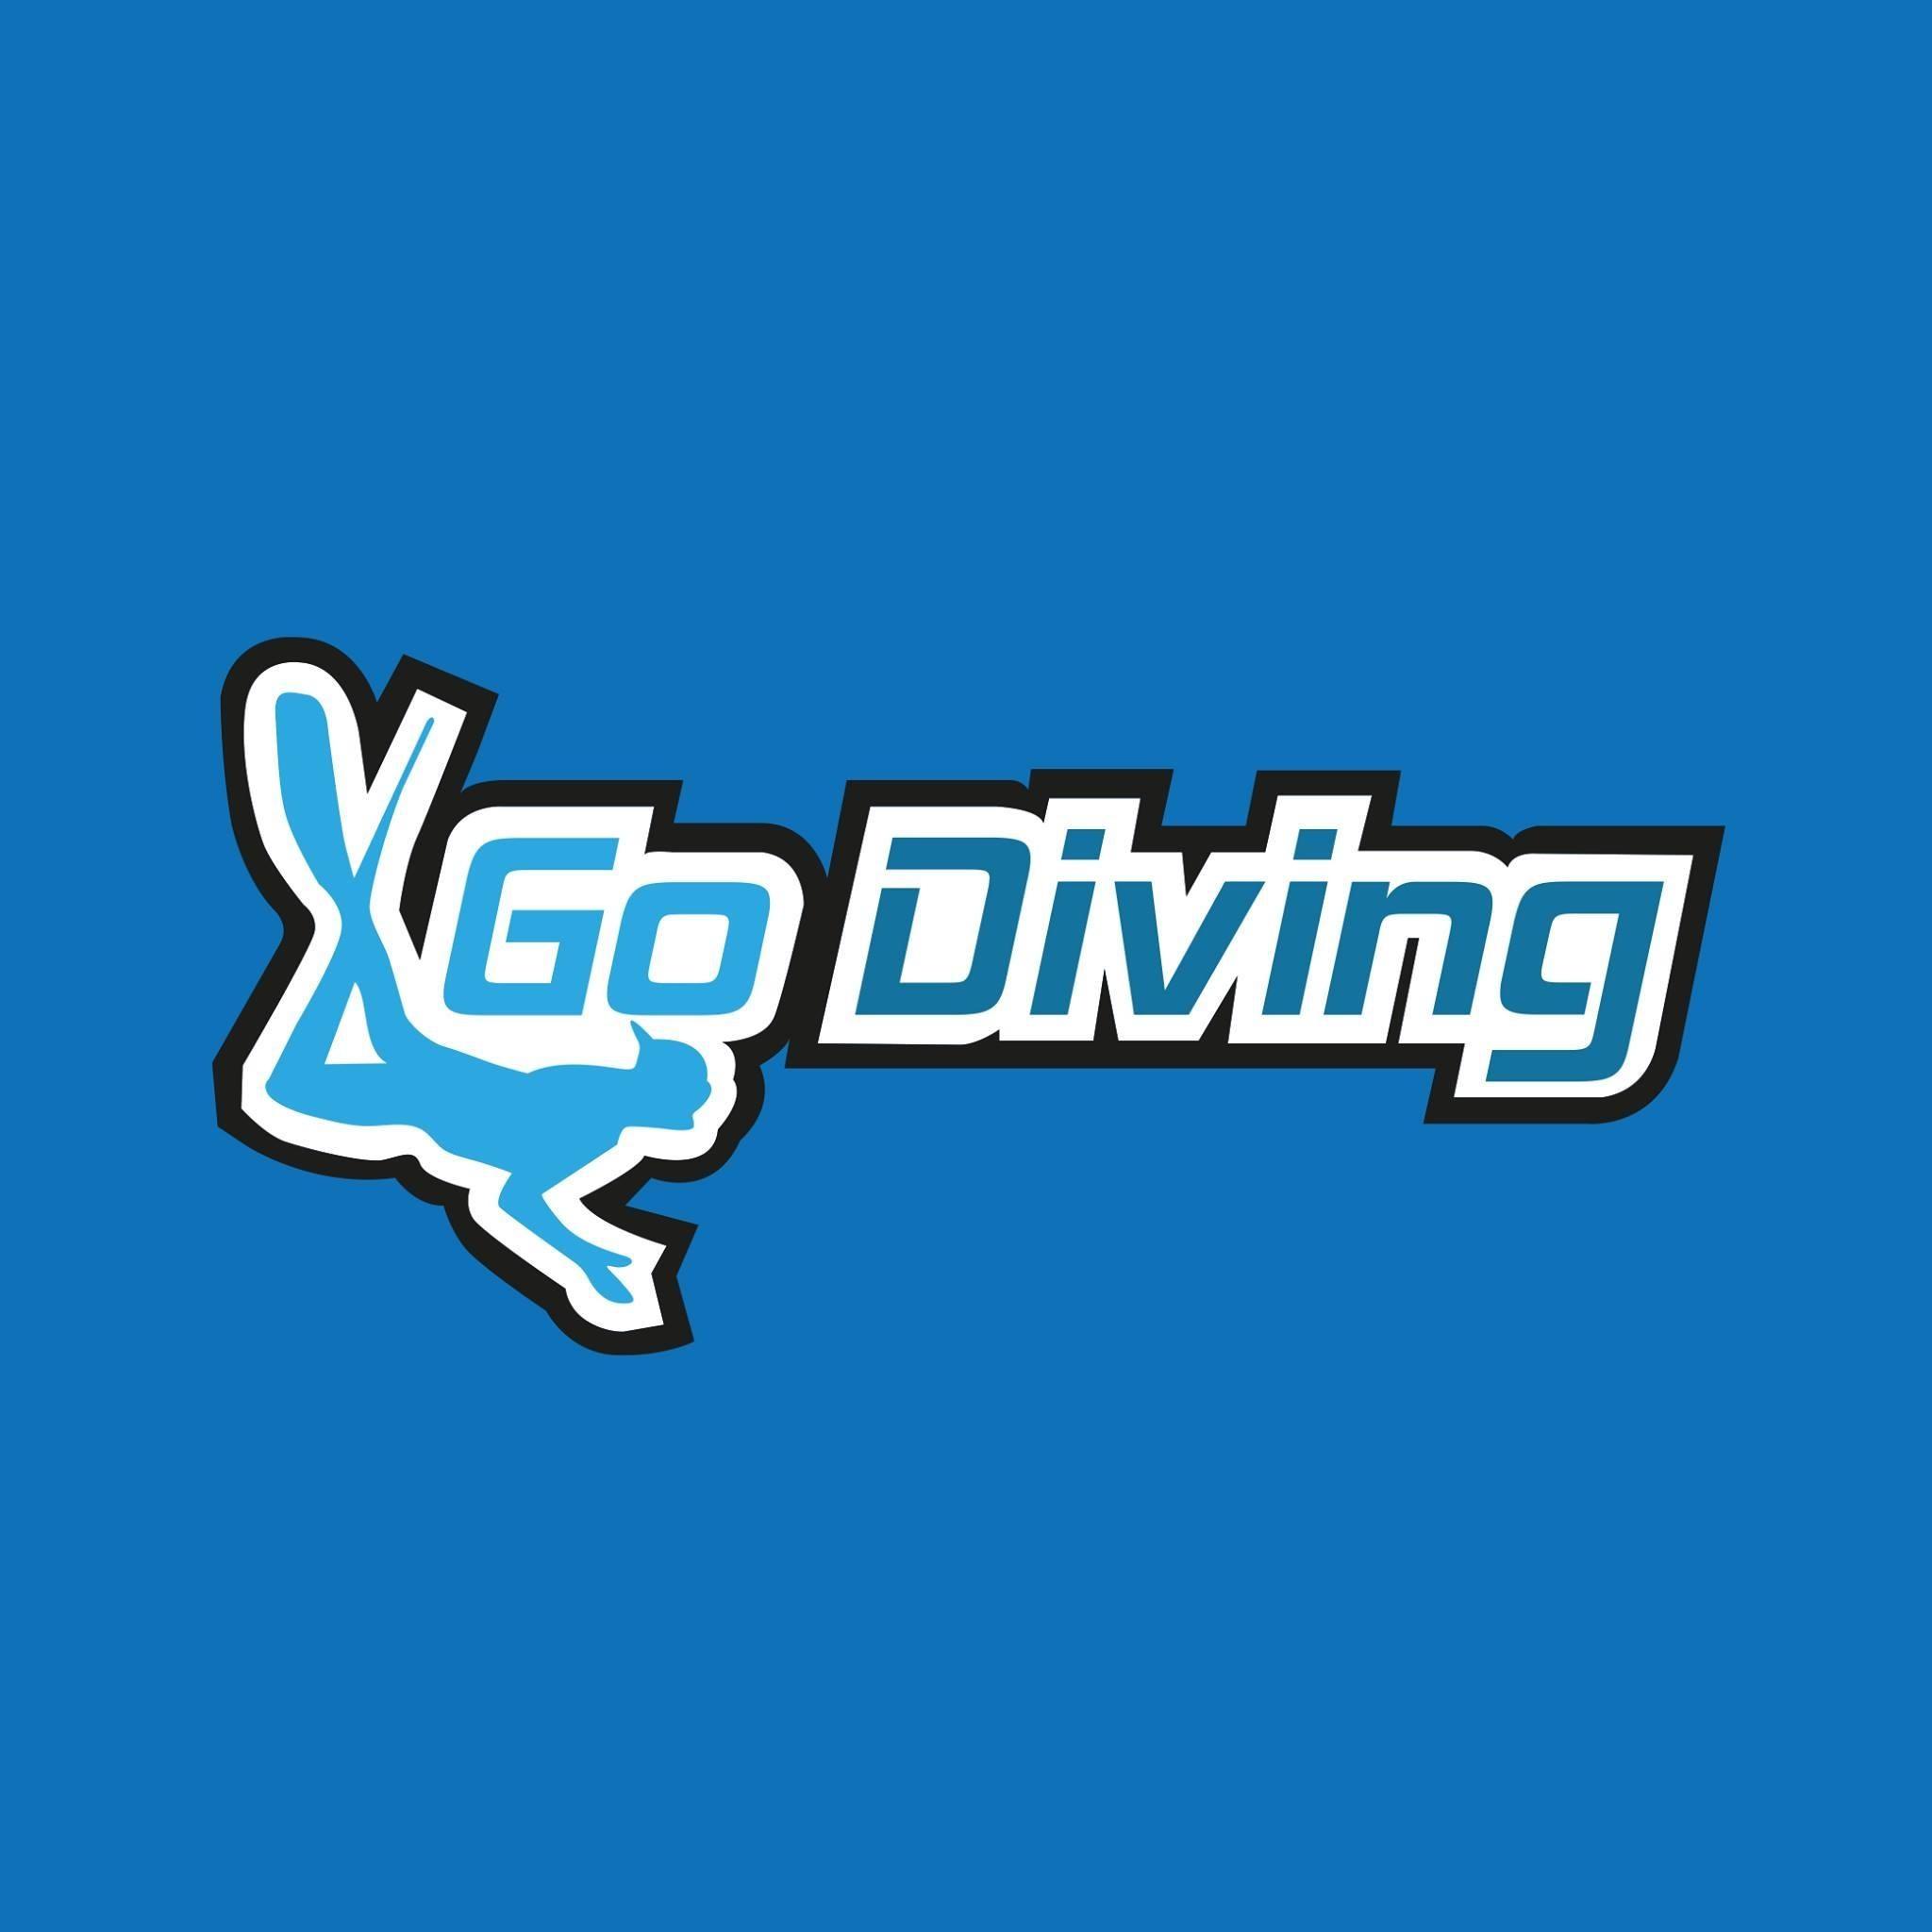 Go Diving.jpg